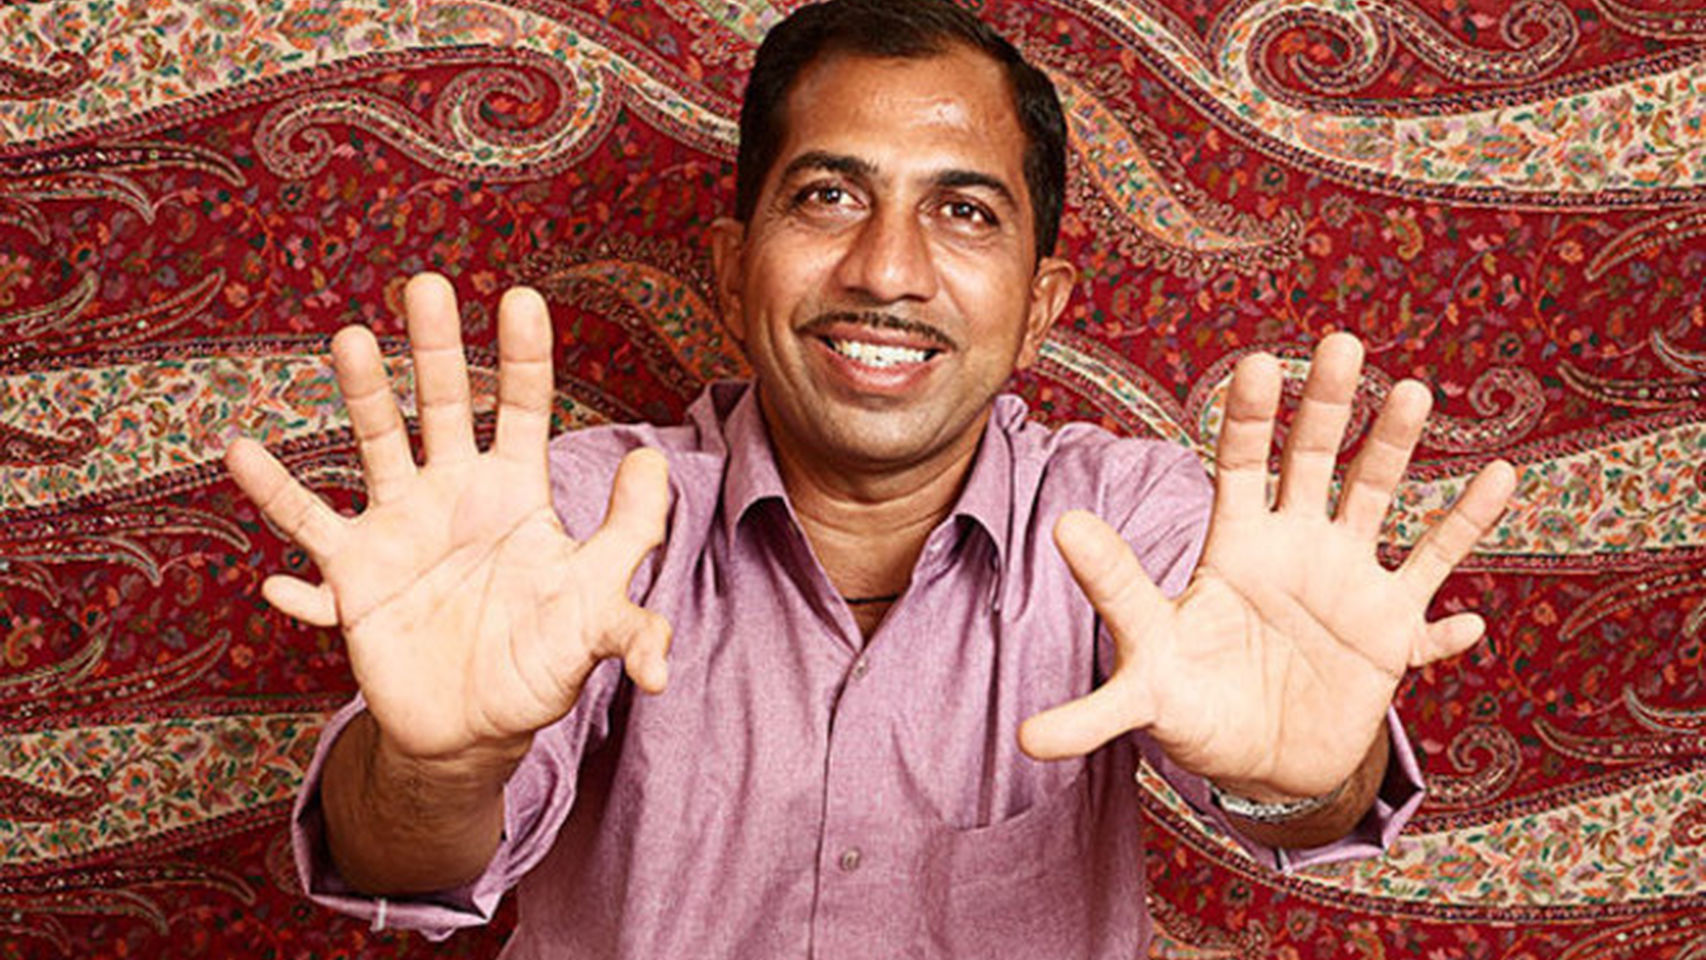 La persona con más dedos